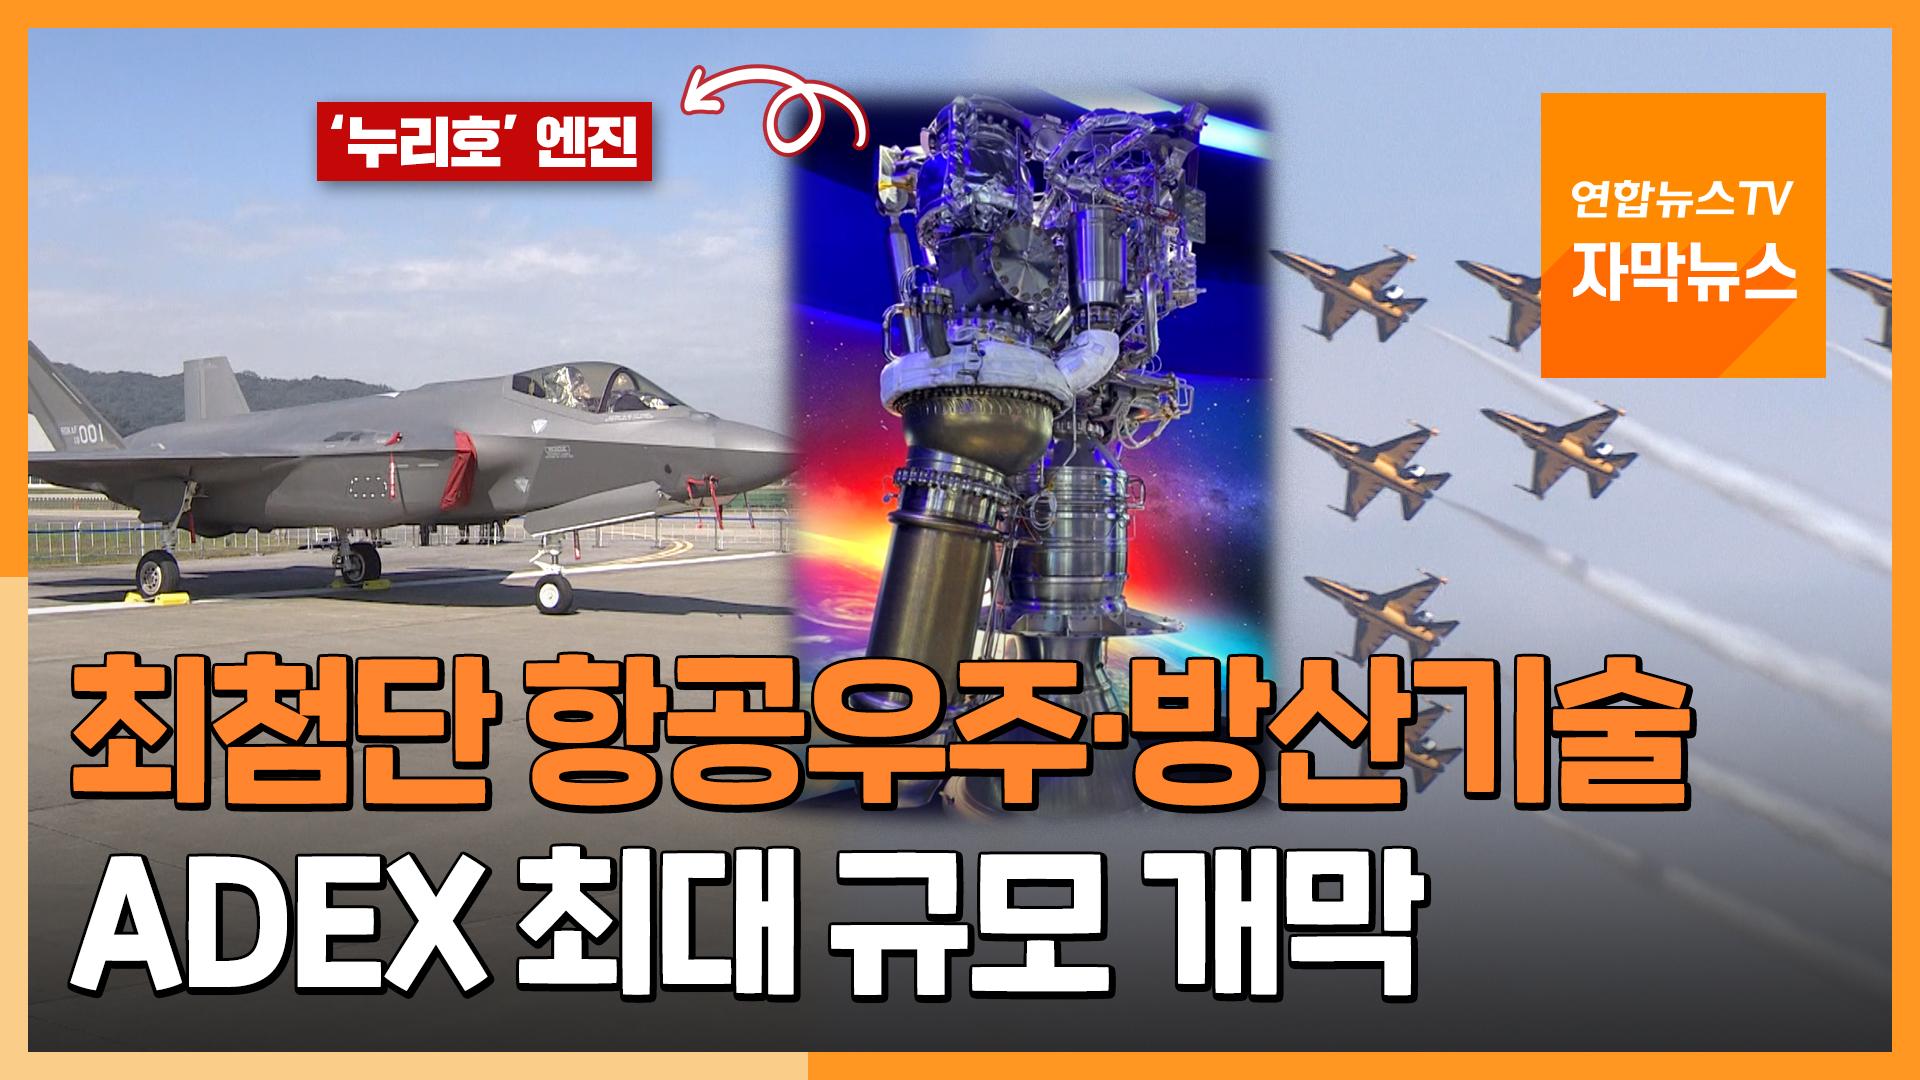 [자막뉴스] 한국형 무기·누리호 심장…ADEX 최대 규모 개최